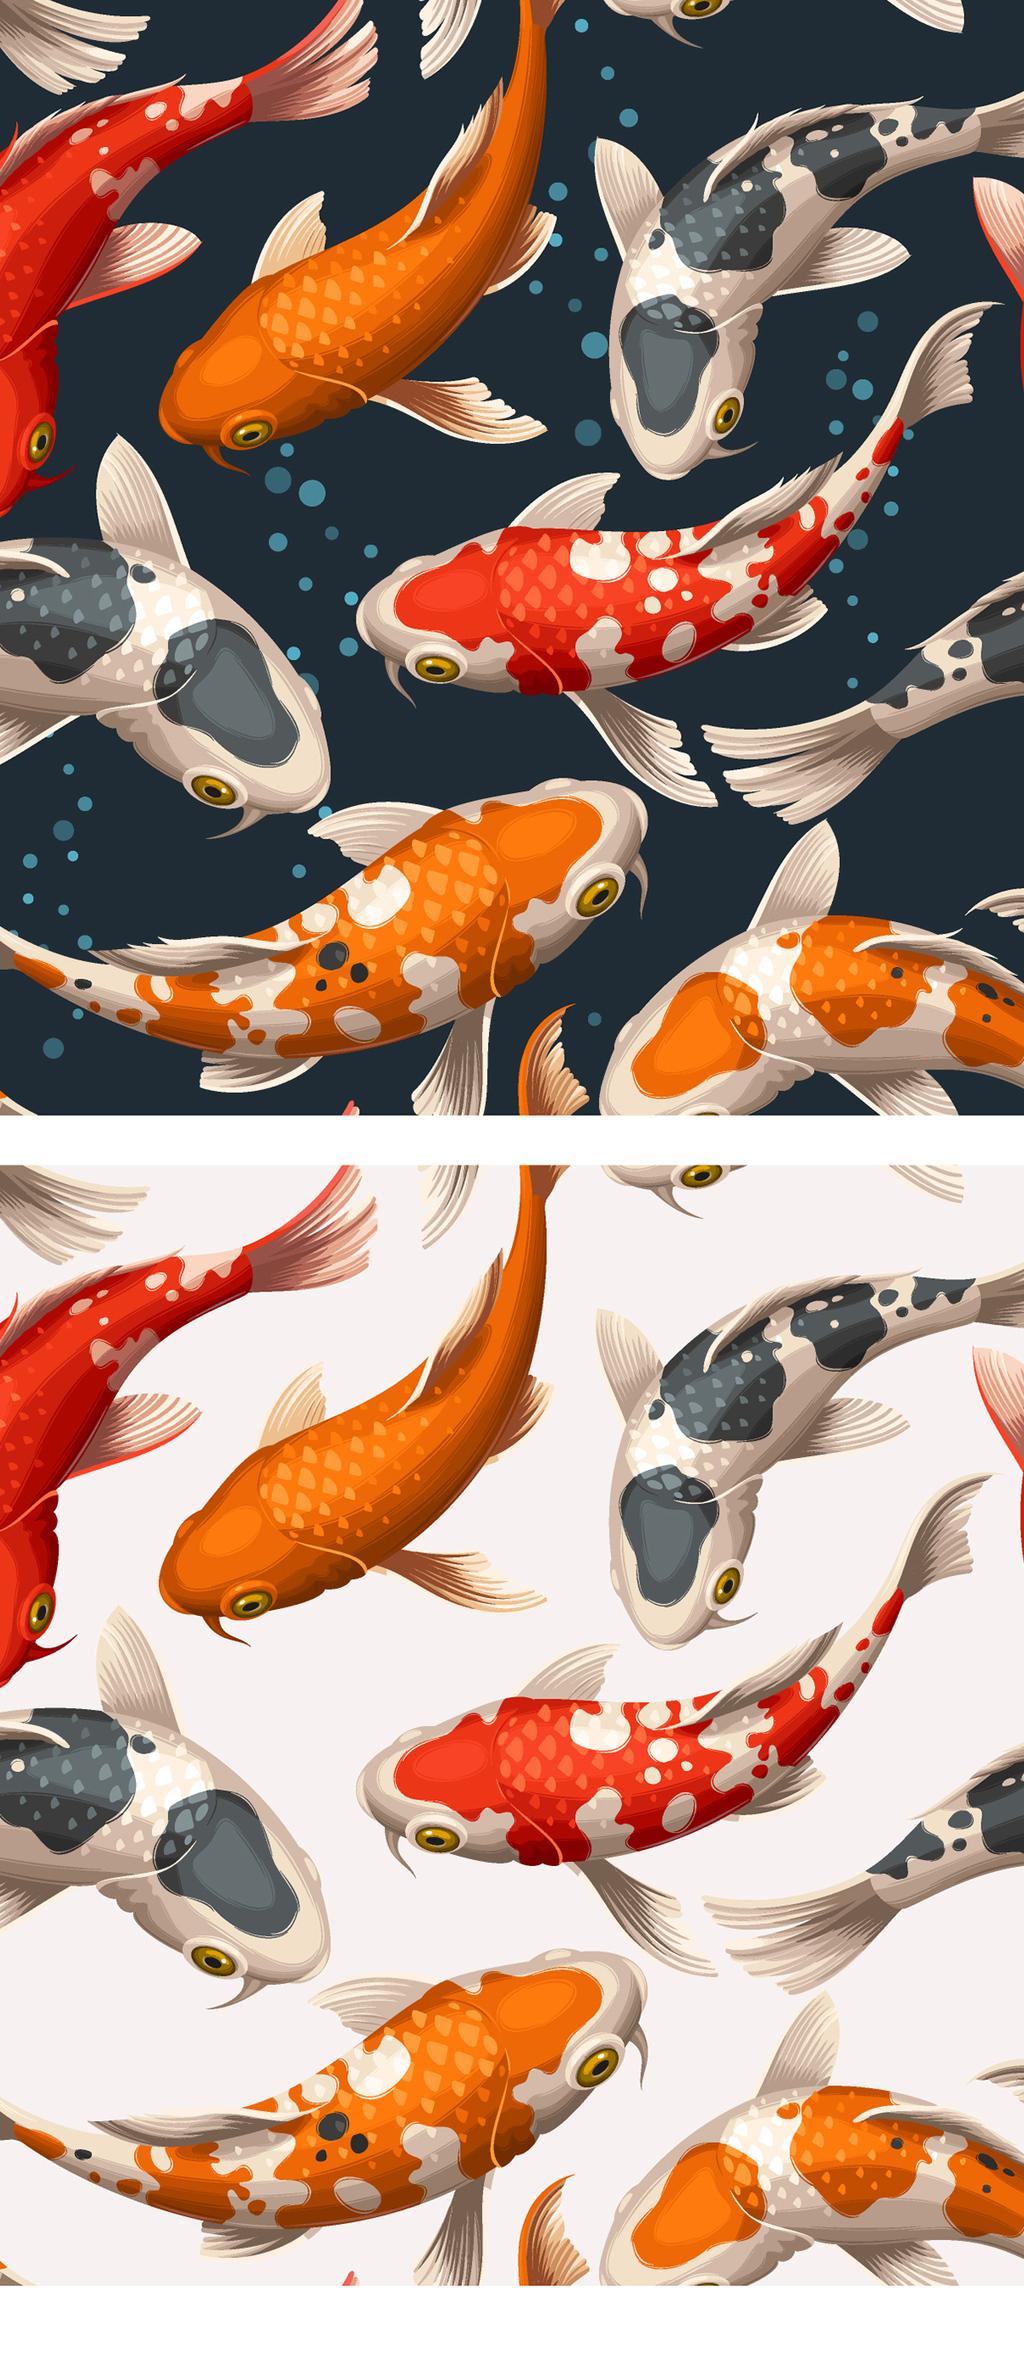 立体3d锦鲤鱼矢量素材插画